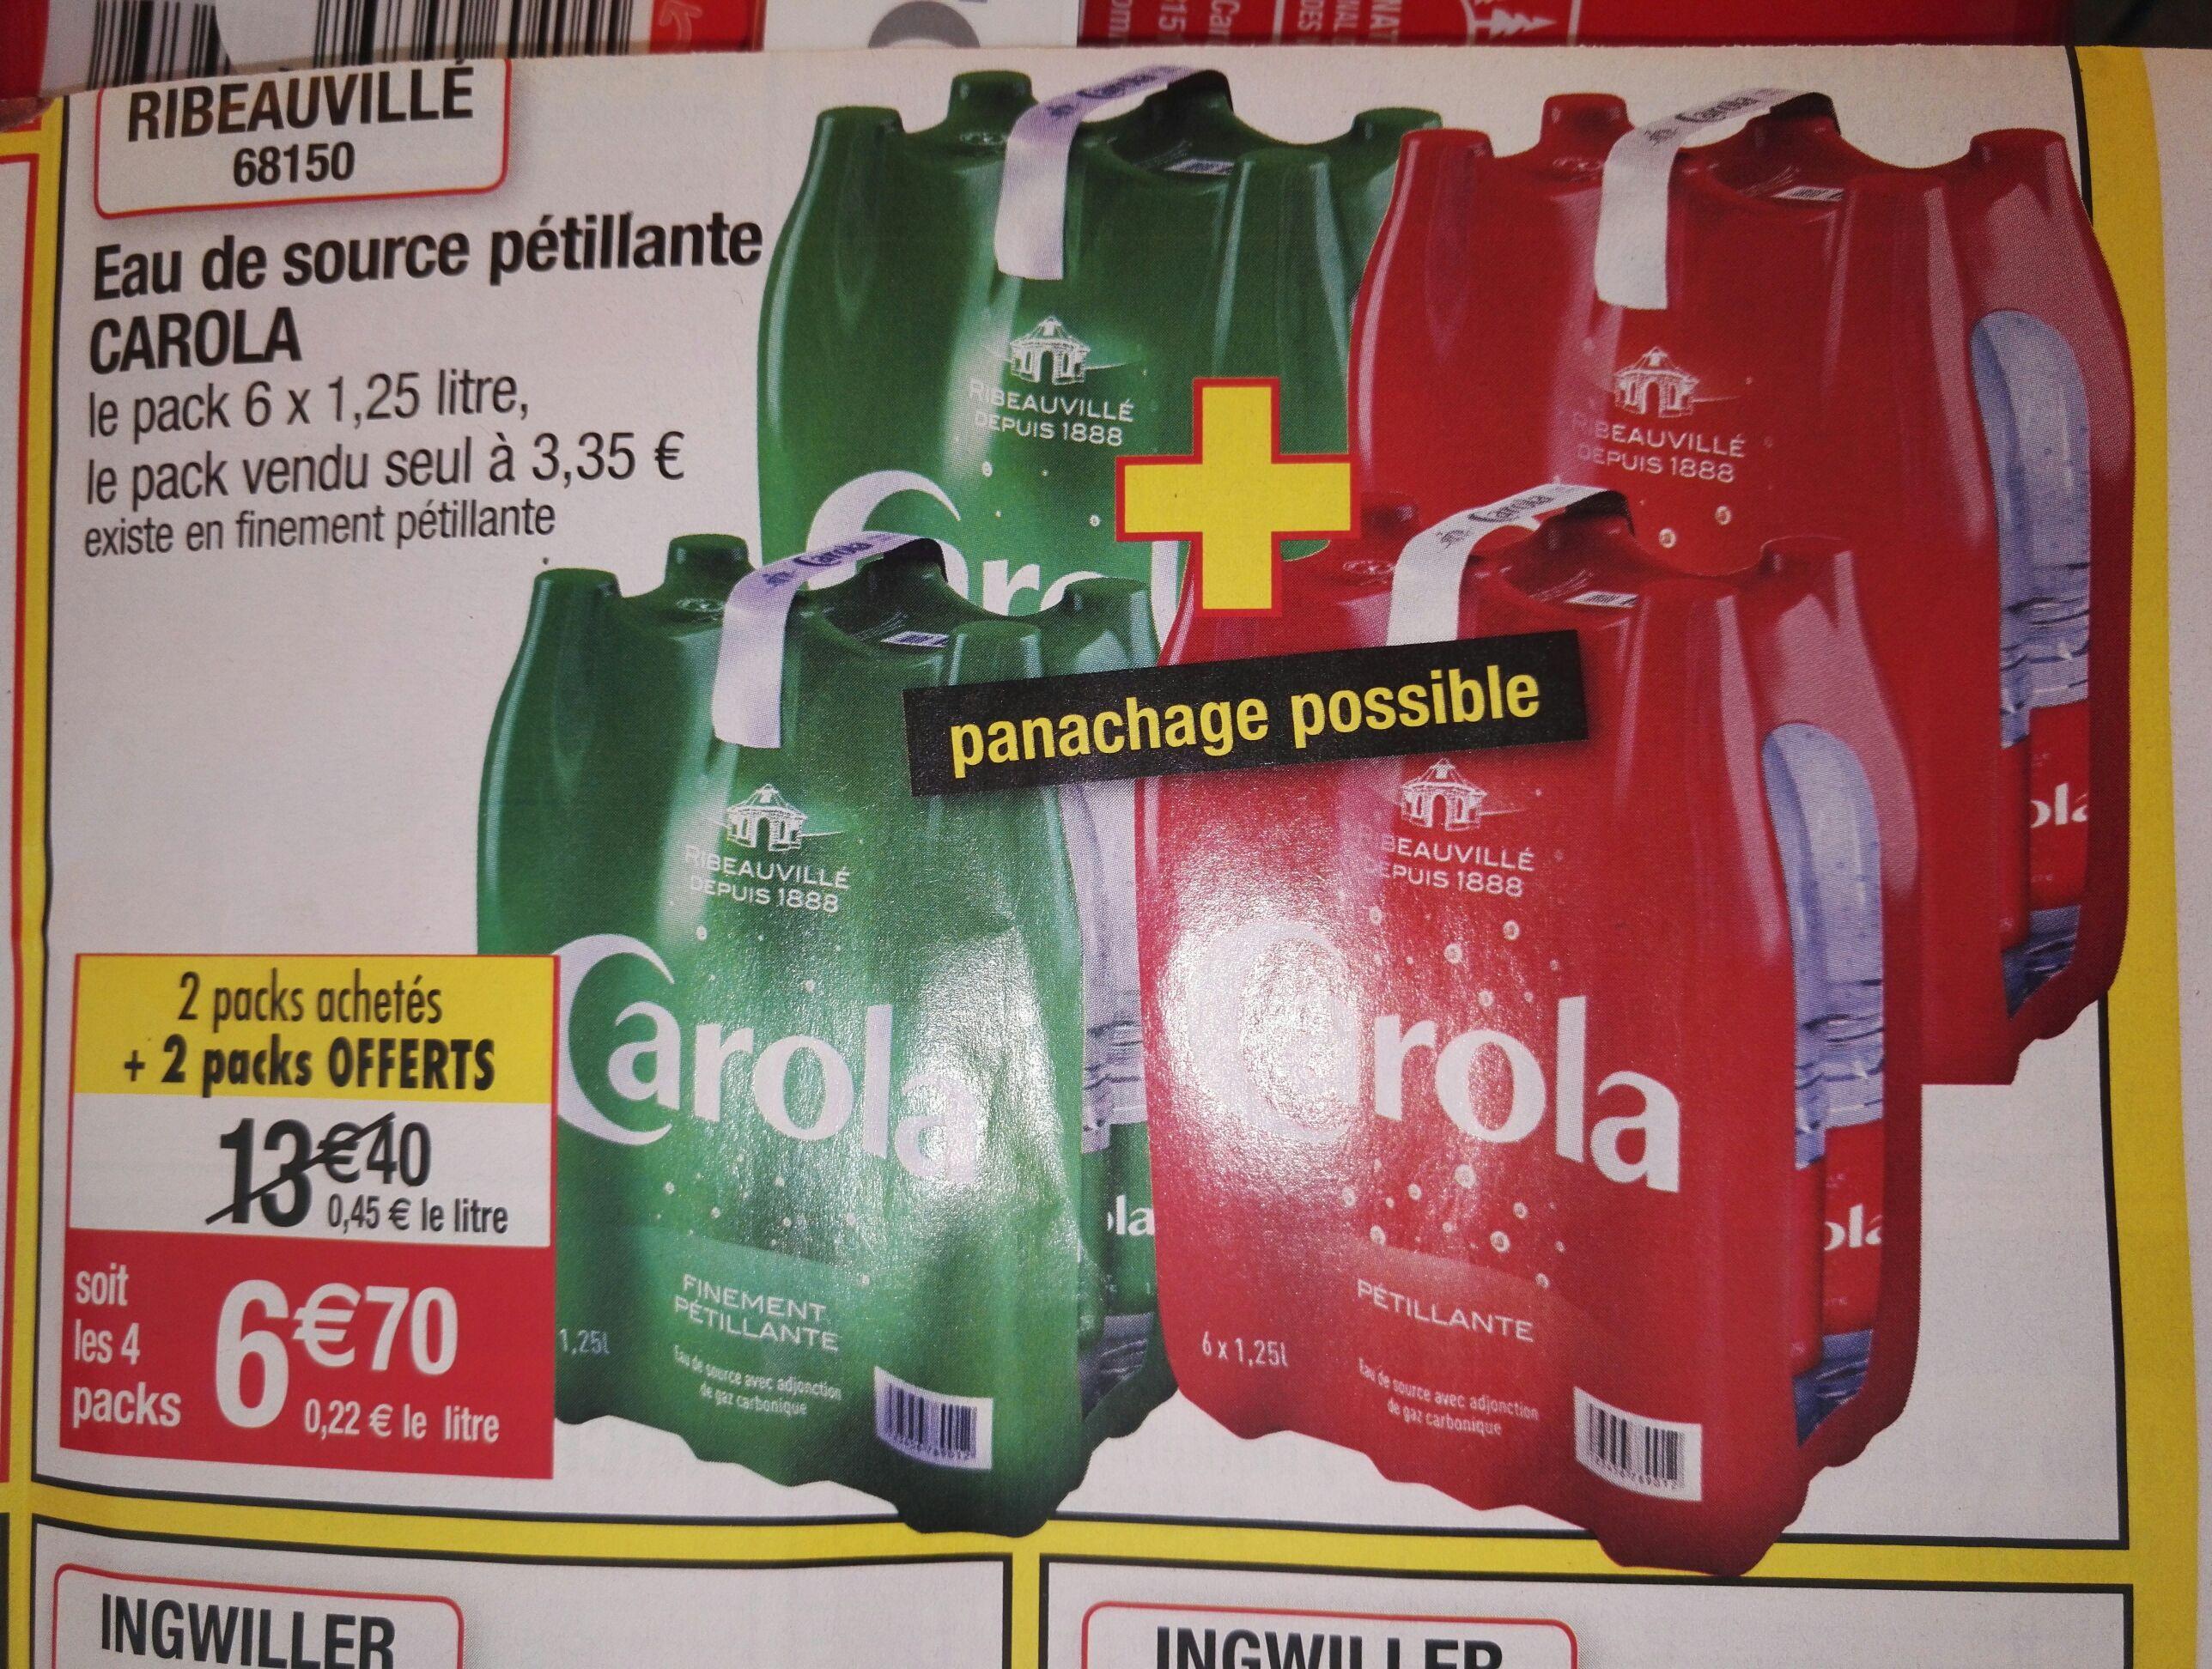 4 packs d'eau de source pétillante Carola (6 x 1.25L)